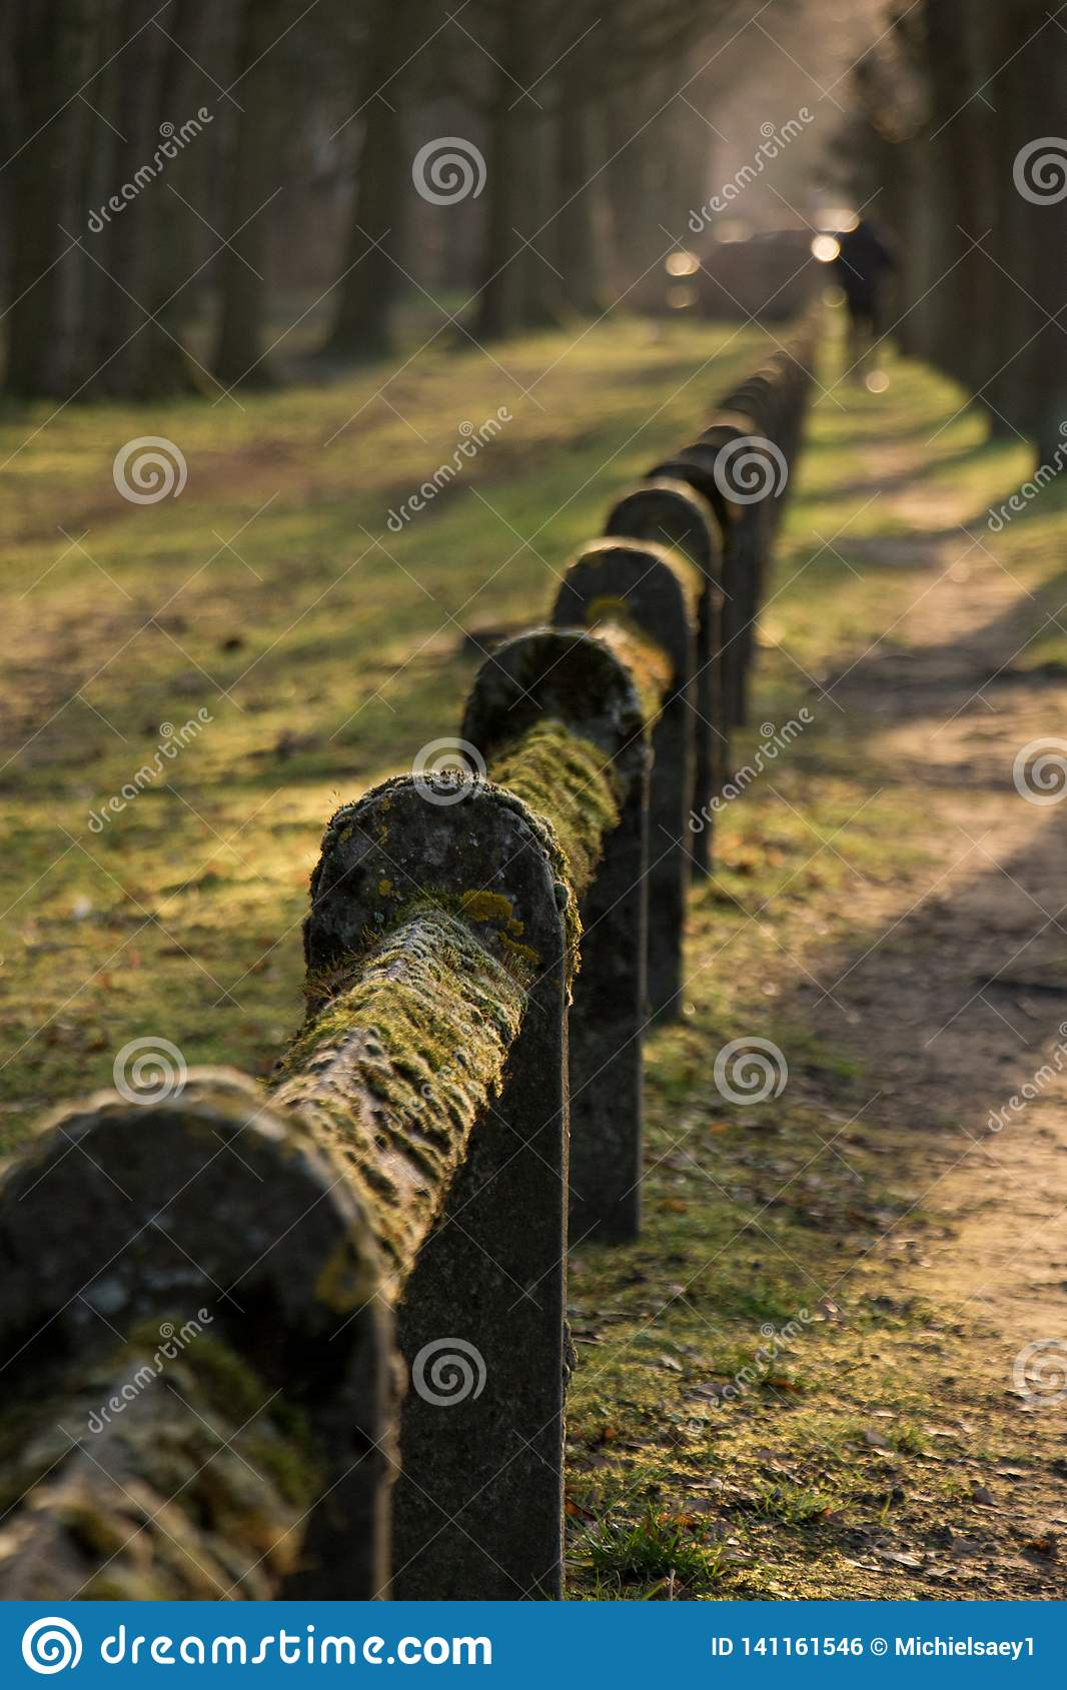 Mossacoverdstaket Nature Park Green Closs-Up